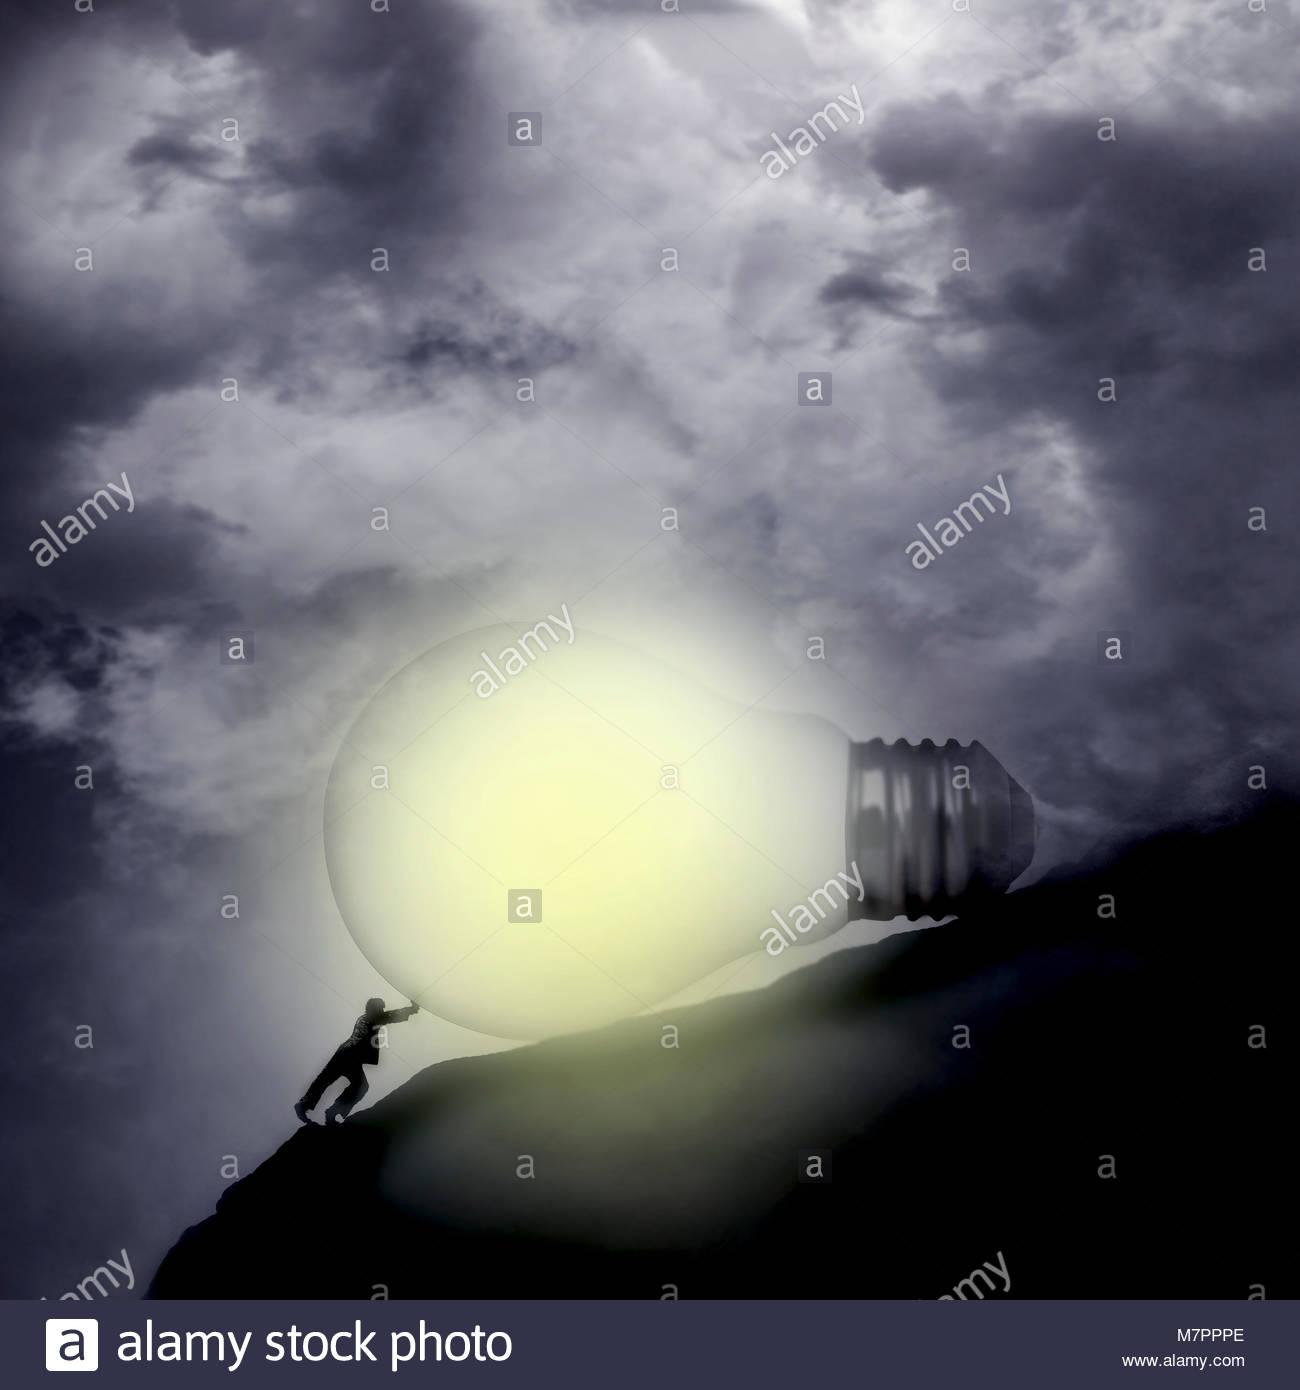 Imprenditore illuminato di spinta lampadina up steep hill Immagini Stock